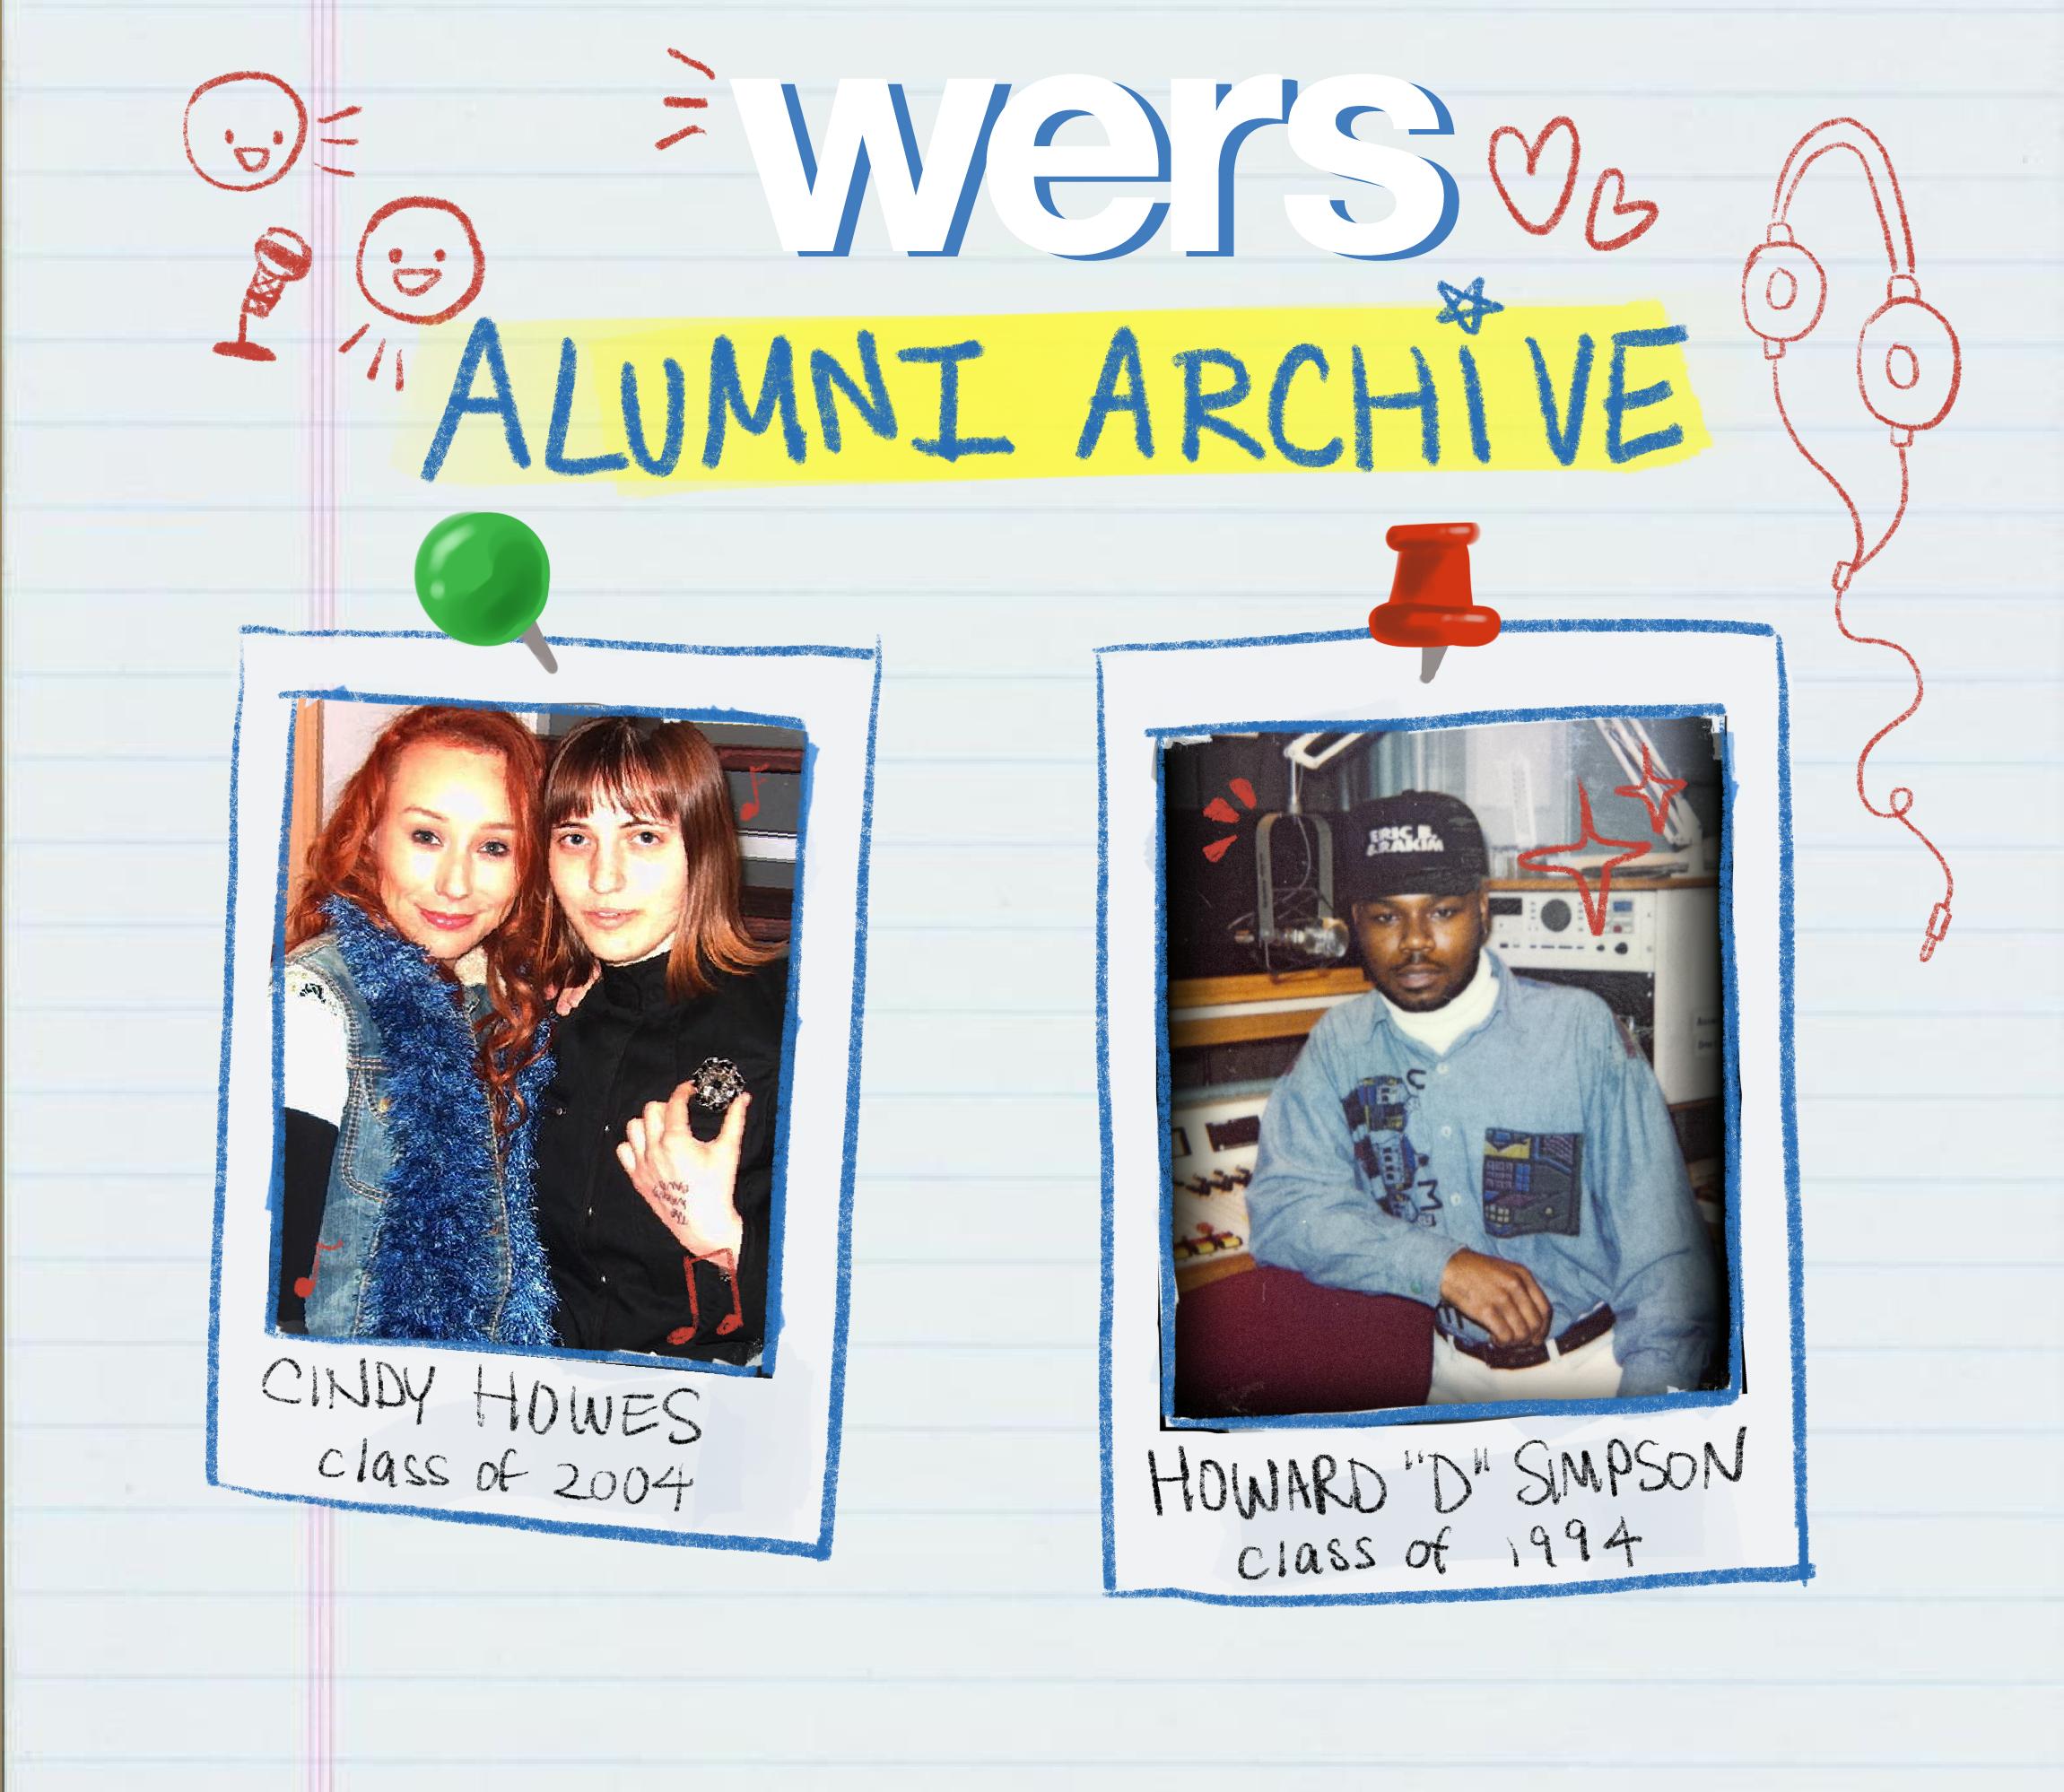 Alumni Archive